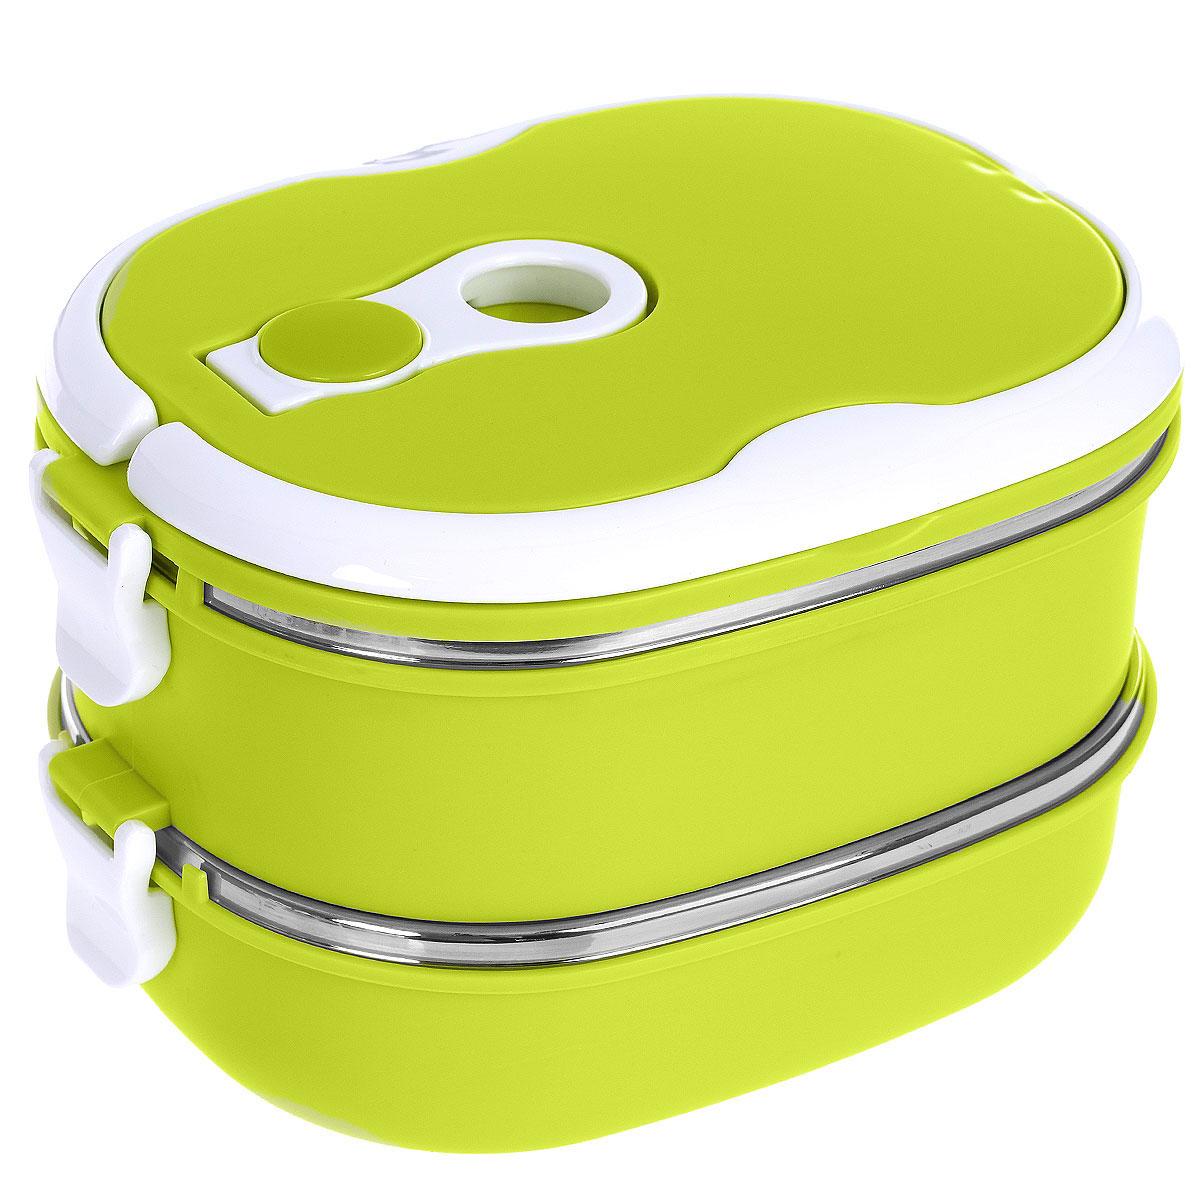 Термо ланч-бокс двойной Bradex Bento, цвет: зеленый, 1,5 л ланч бокс 0 27 л sun woo ланч бокс 0 27 л